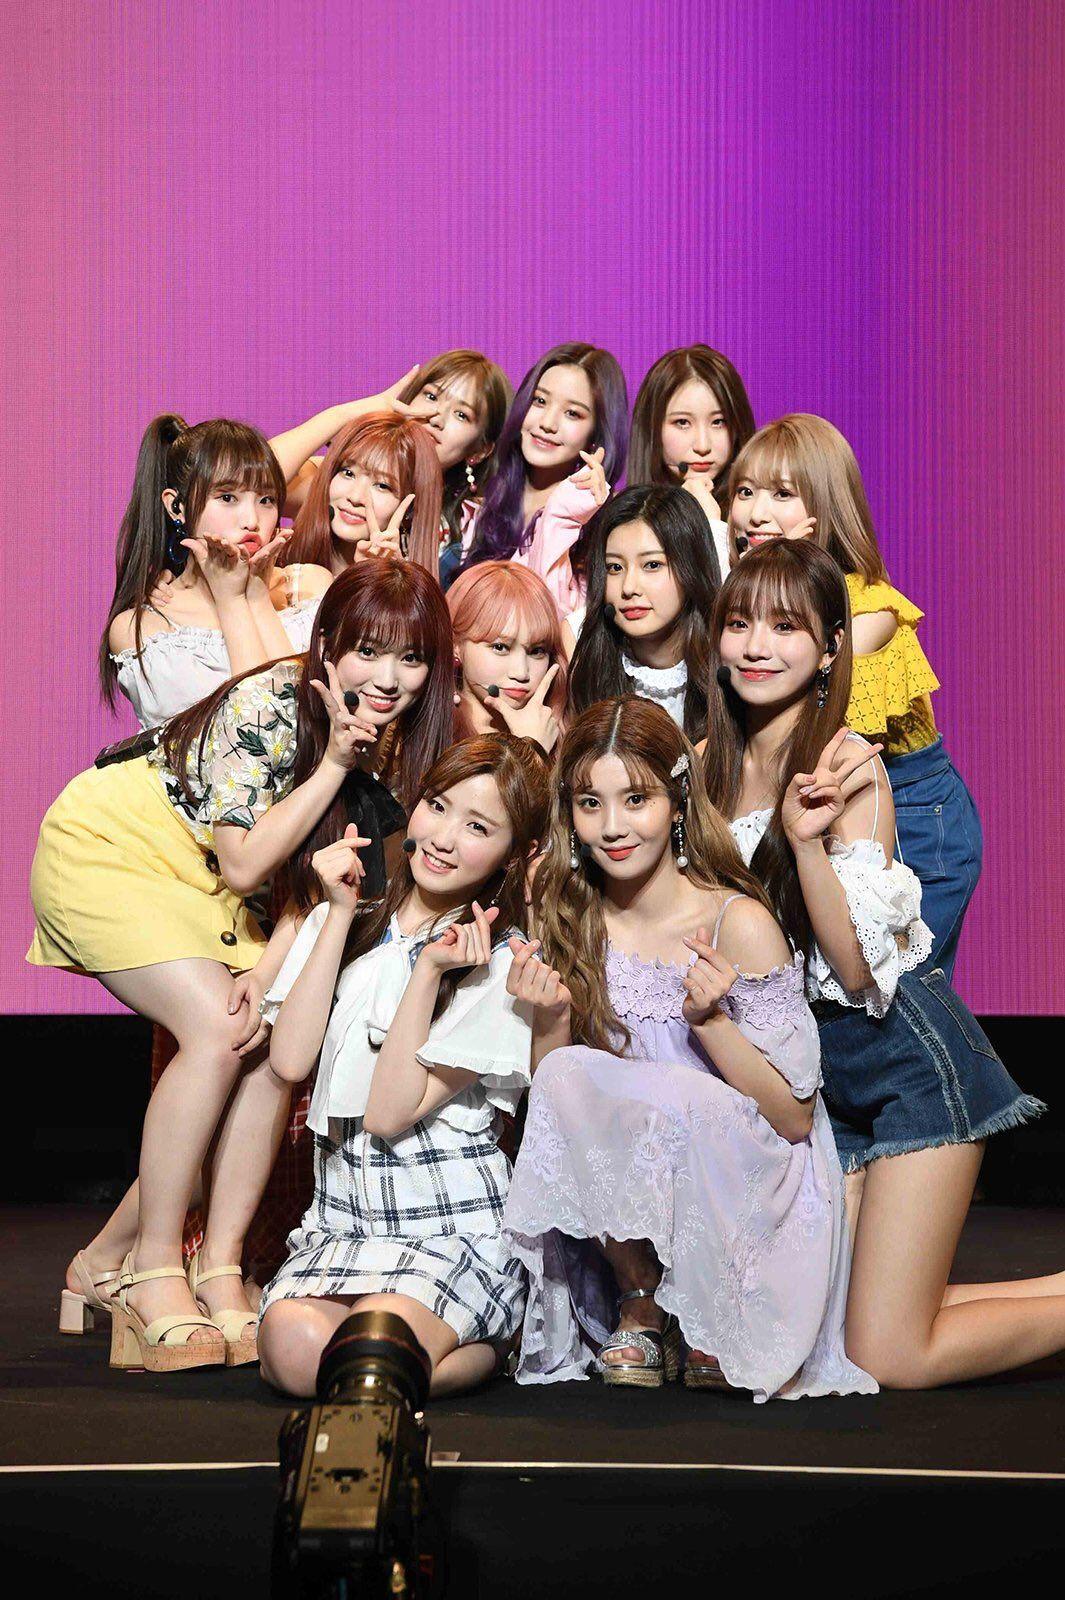 Izone Pics On Twitter Kpop Girls Kpop Girl Groups Girl